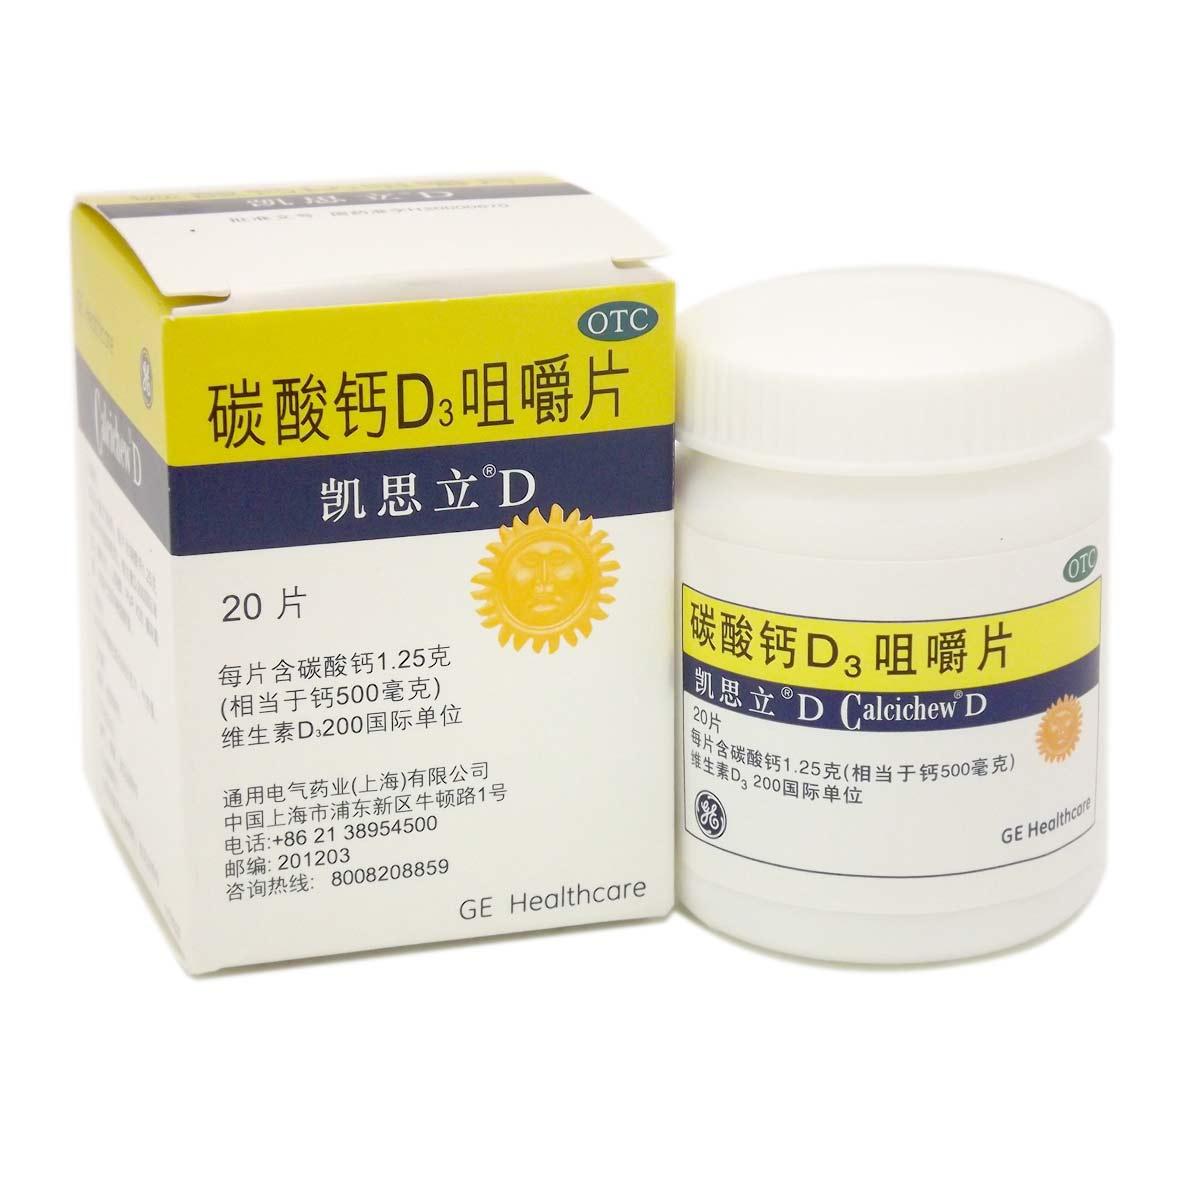 【凱思立】碳酸鈣D3咀嚼片 20片/盒